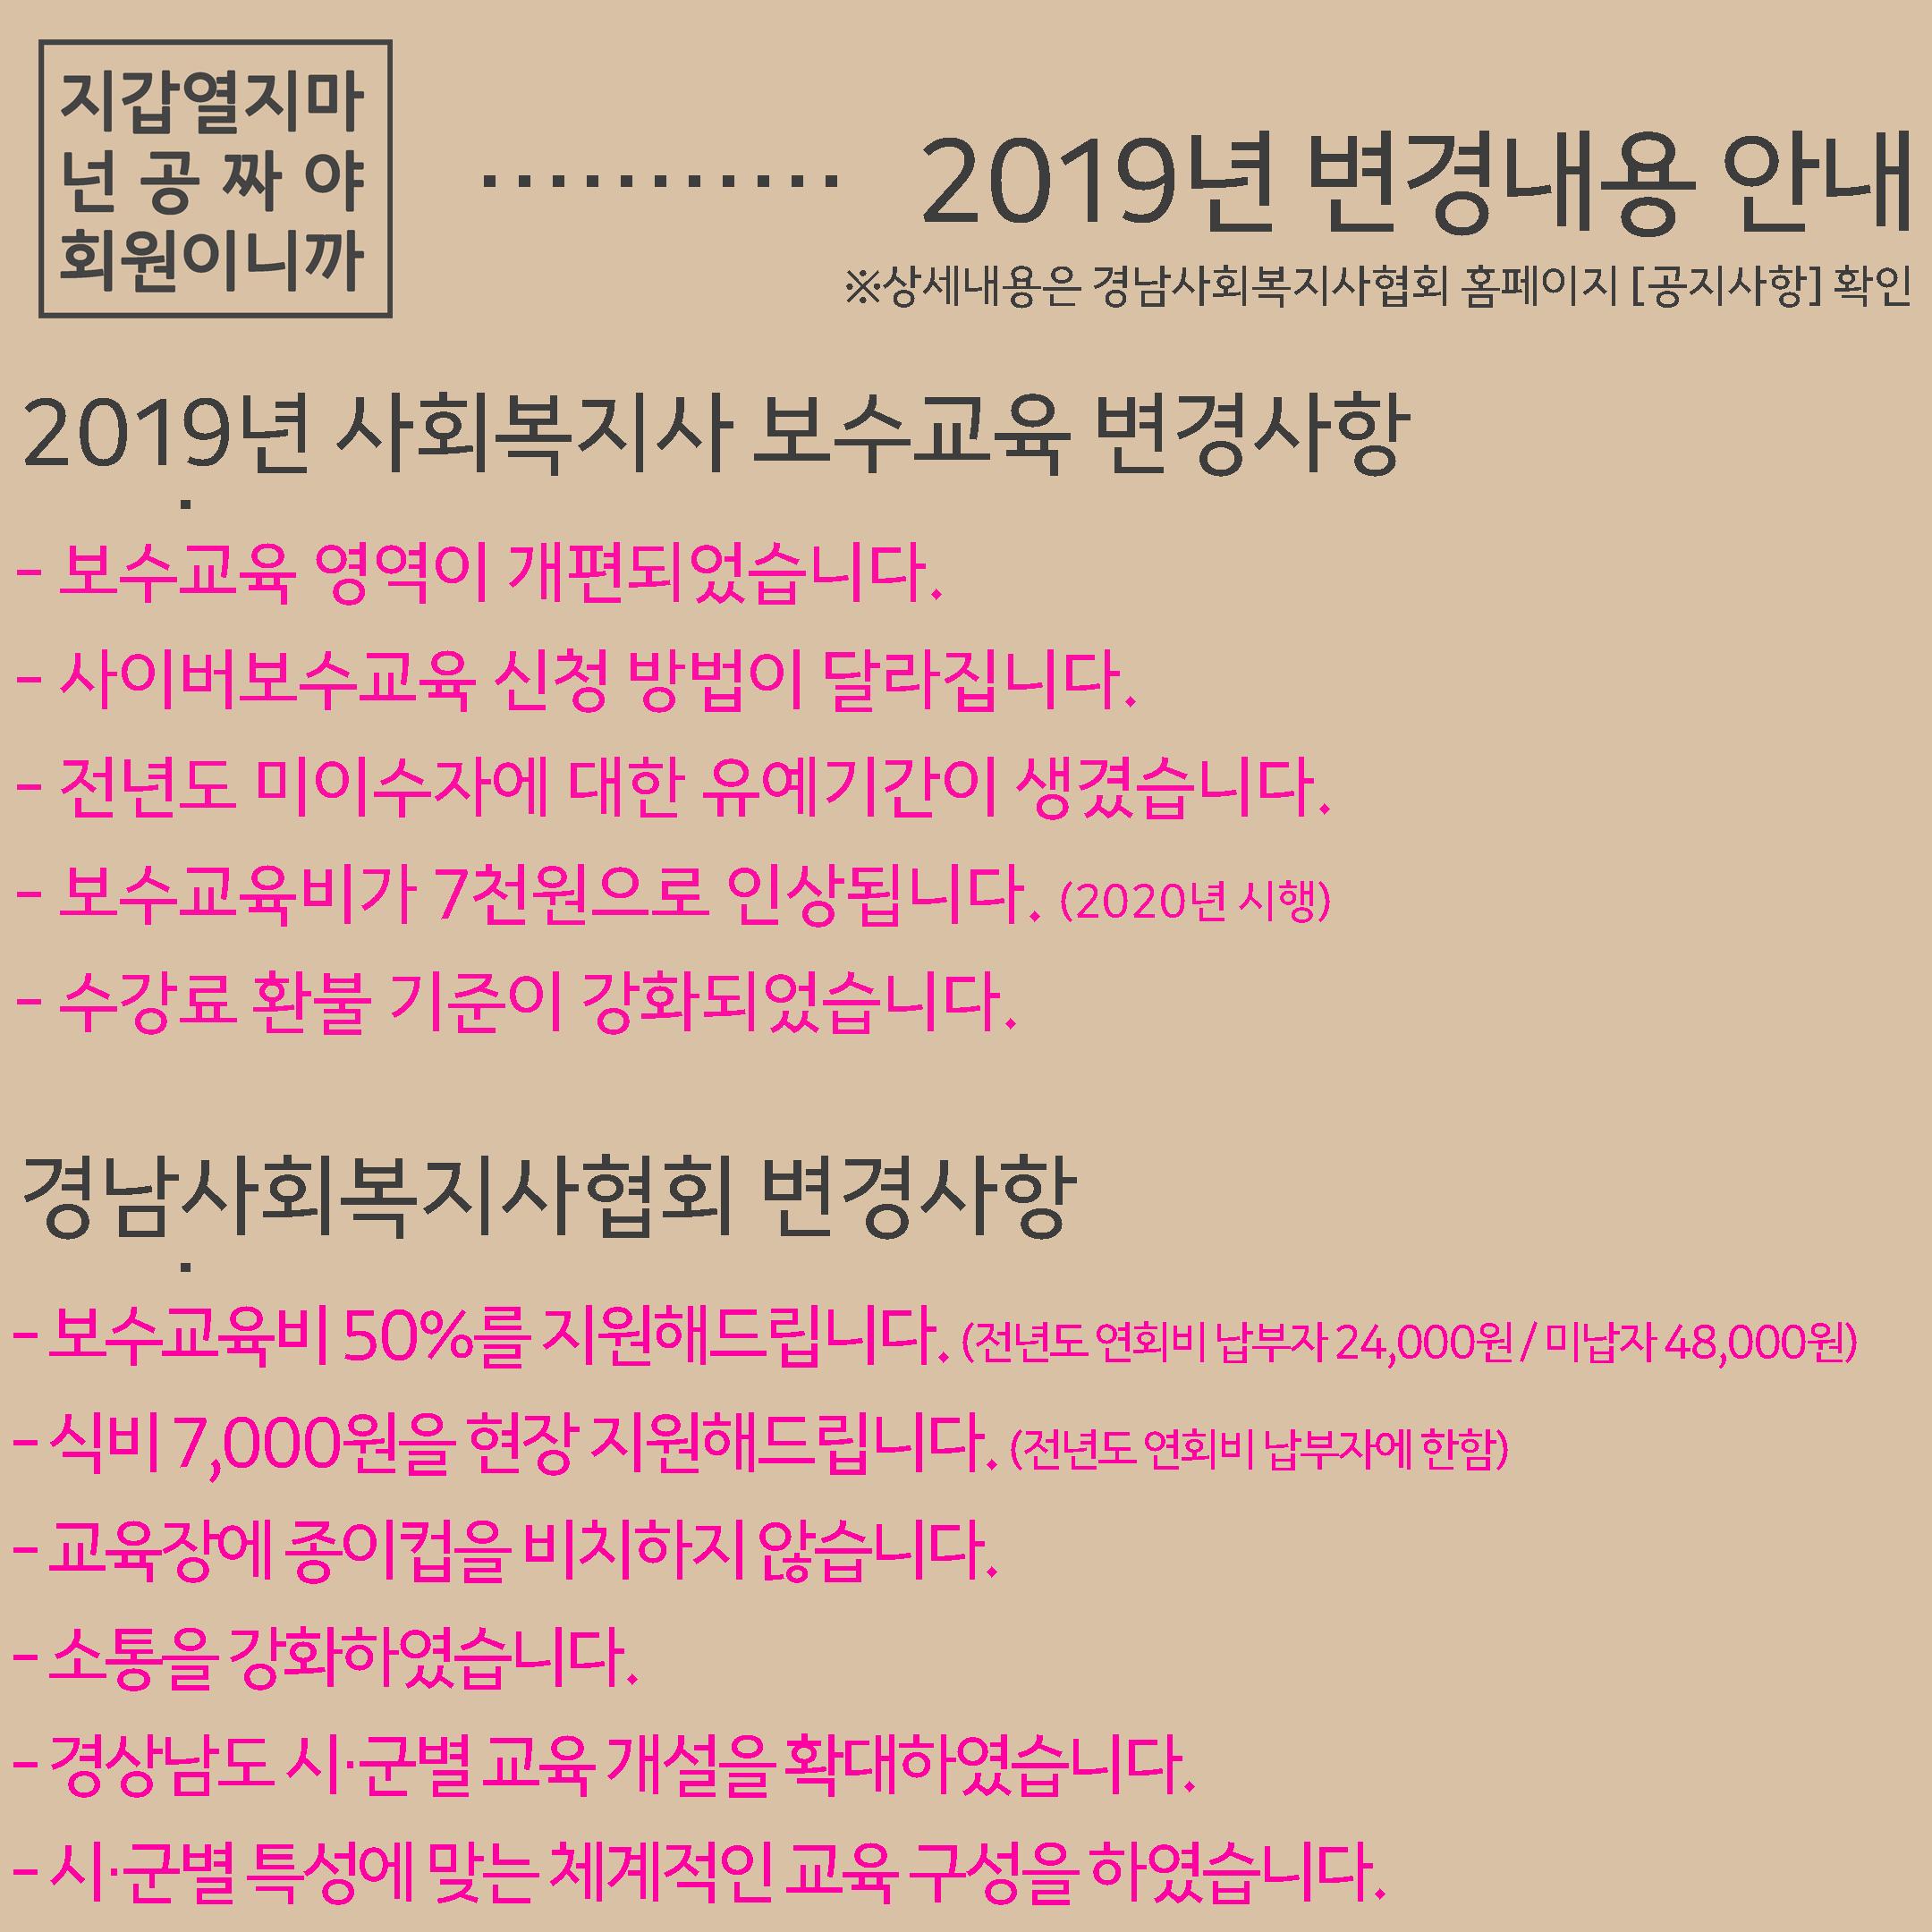 2019년 3월 이벤트9.jpg